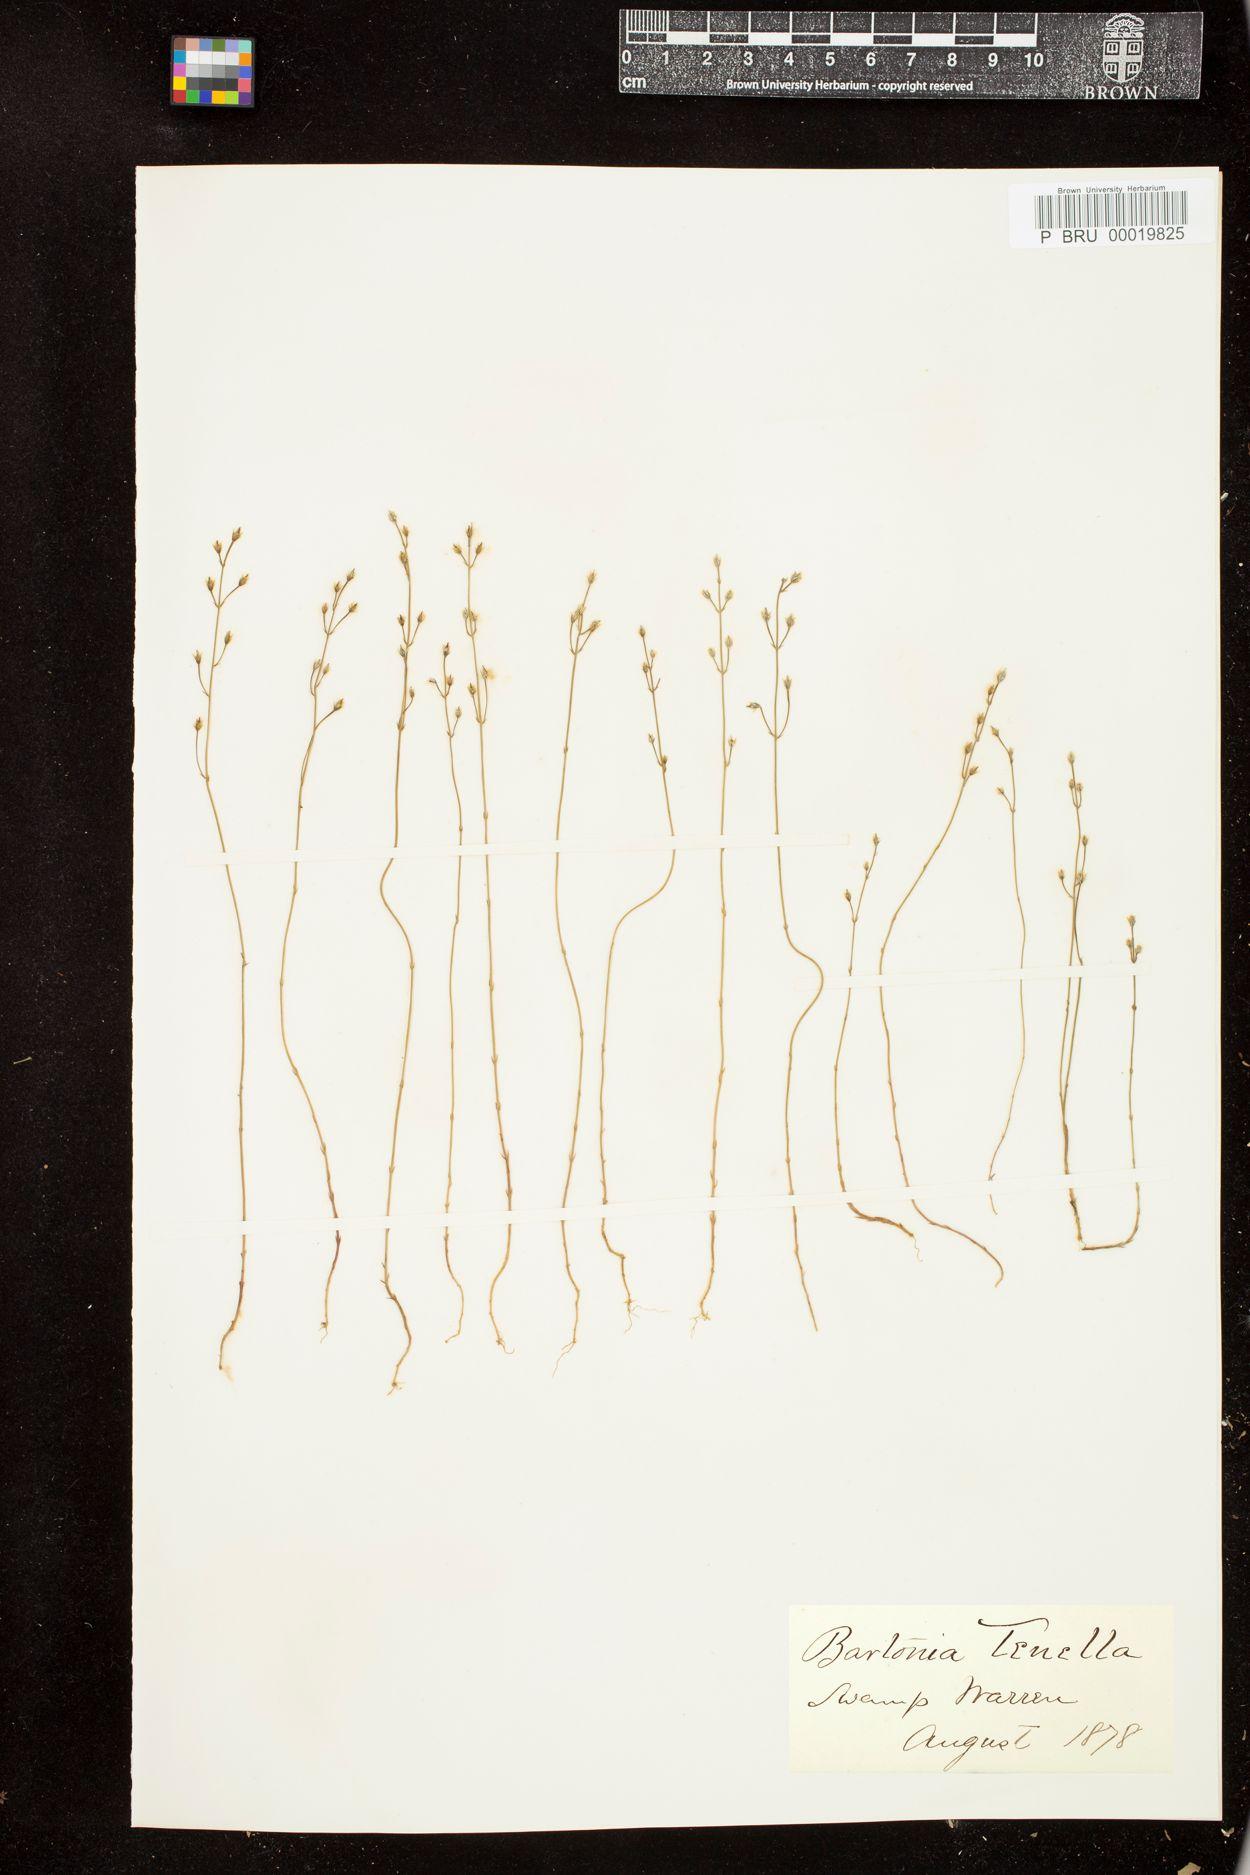 Bartonia tenella image